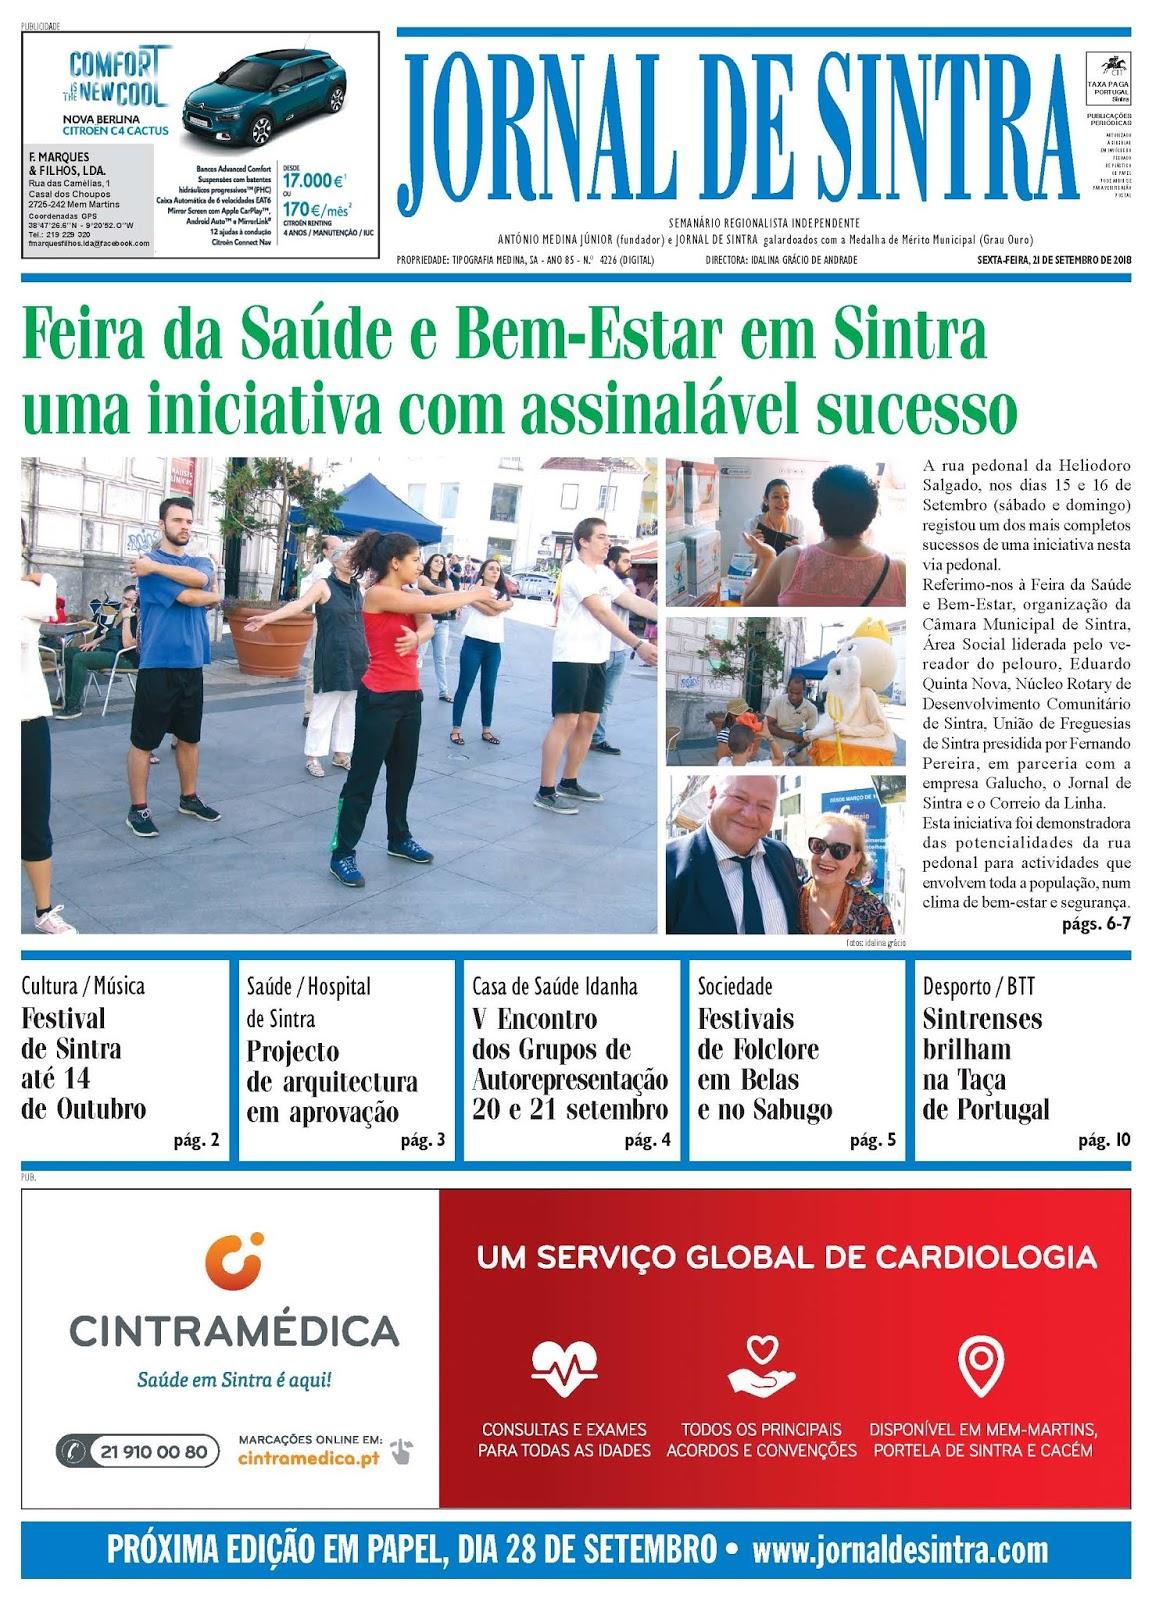 Capa da edição de 21-09-2018